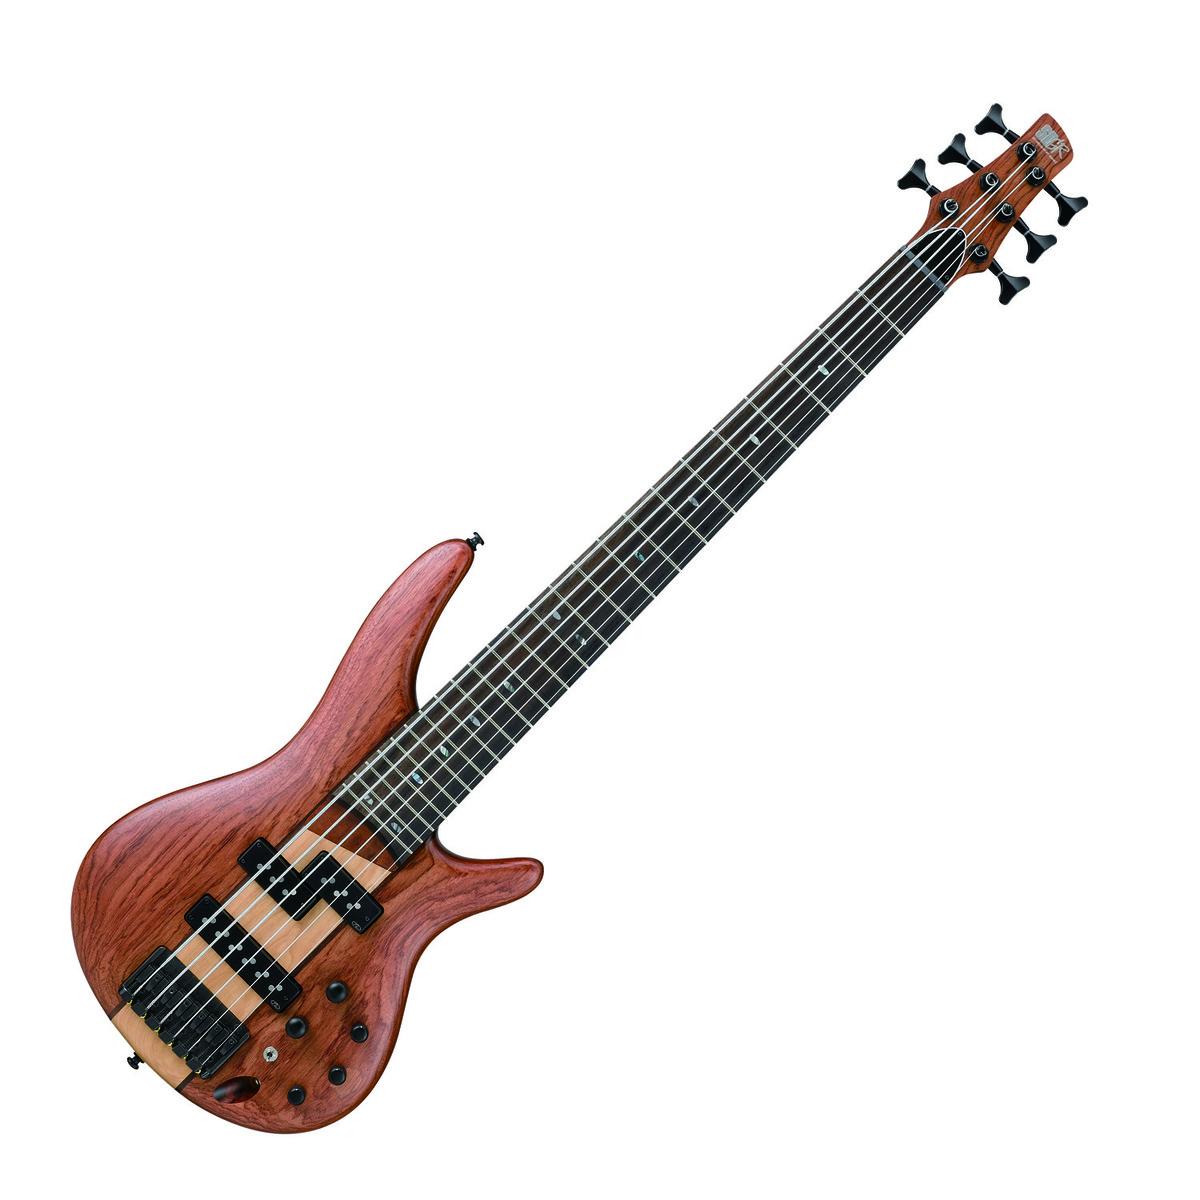 ibanez sr756 ntf 6 string bass guitar natural flat at. Black Bedroom Furniture Sets. Home Design Ideas